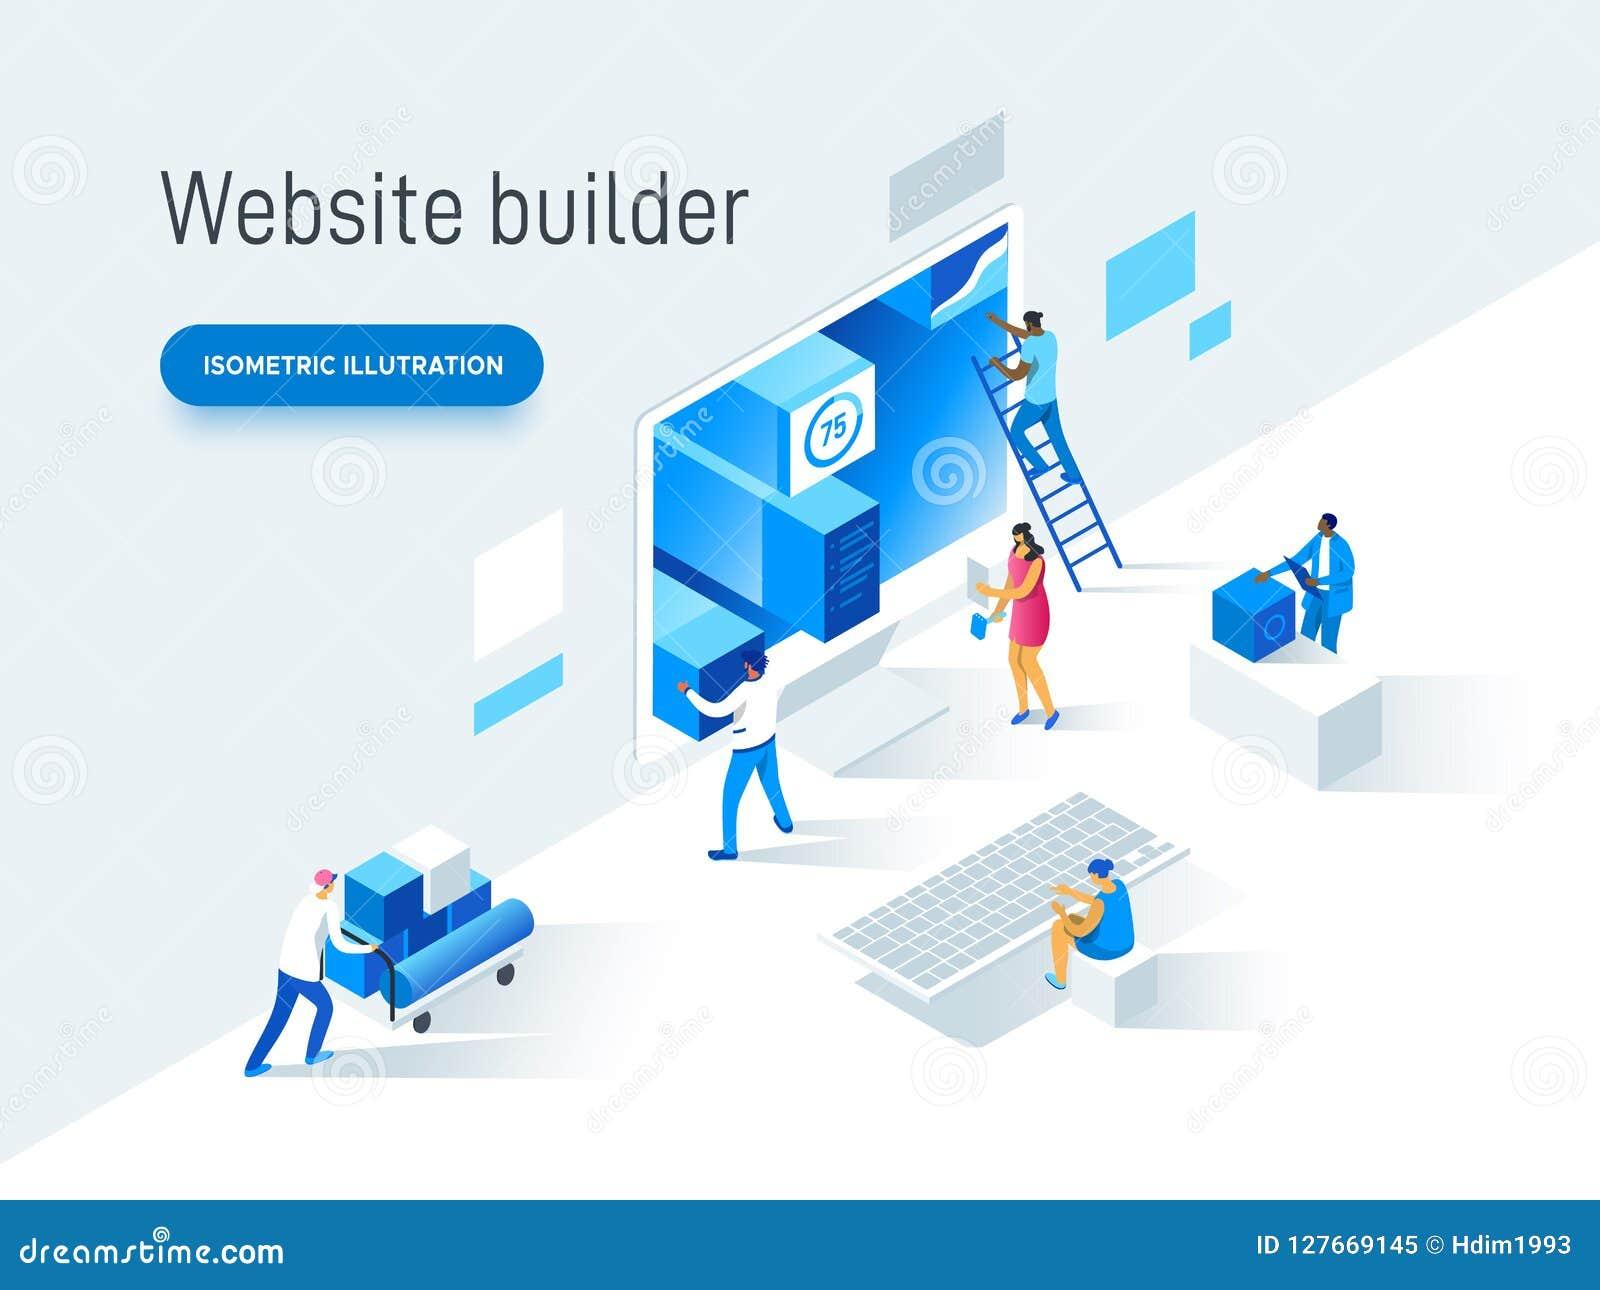 Σύγχρονη επίπεδη διανυσματική έννοια απεικόνισης των ανθρώπων που κάνουν το σχέδιο ιστοσελίδας για τον ιστοχώρο Δημιουργικό σχέδι